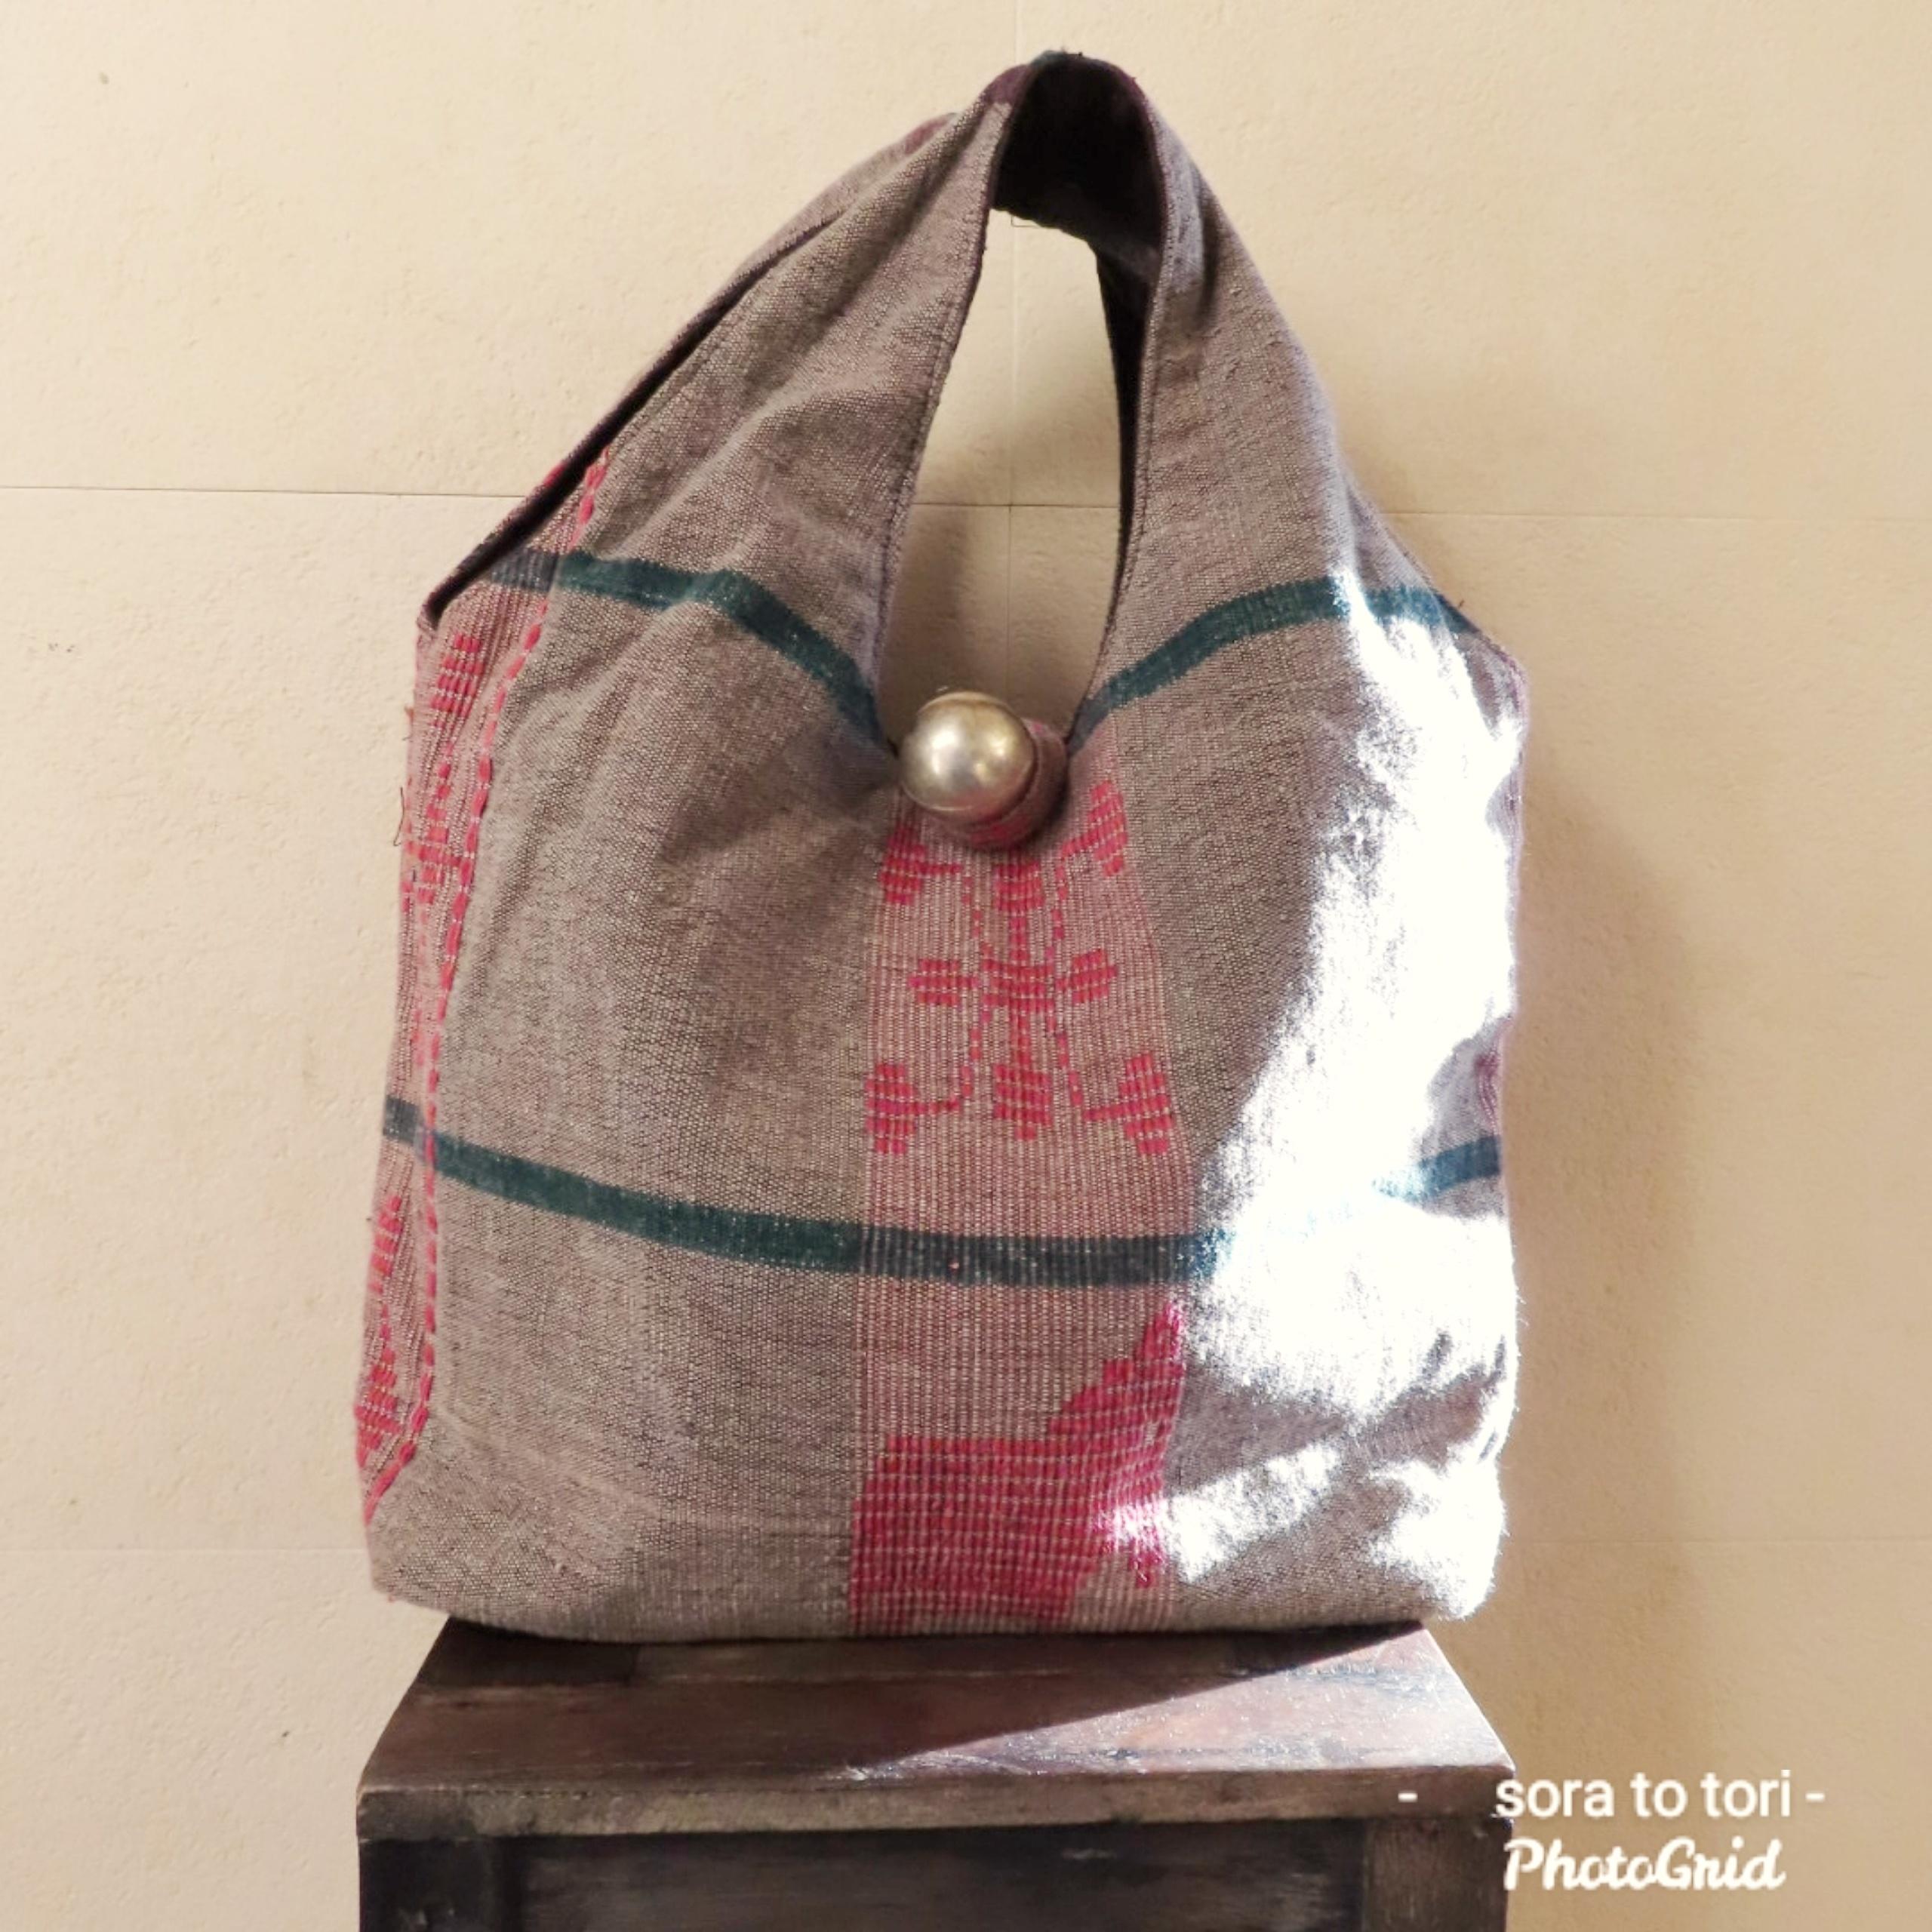 チェンマイ ナガ族刺繍の大きな○ボタンがついたバッグ ③